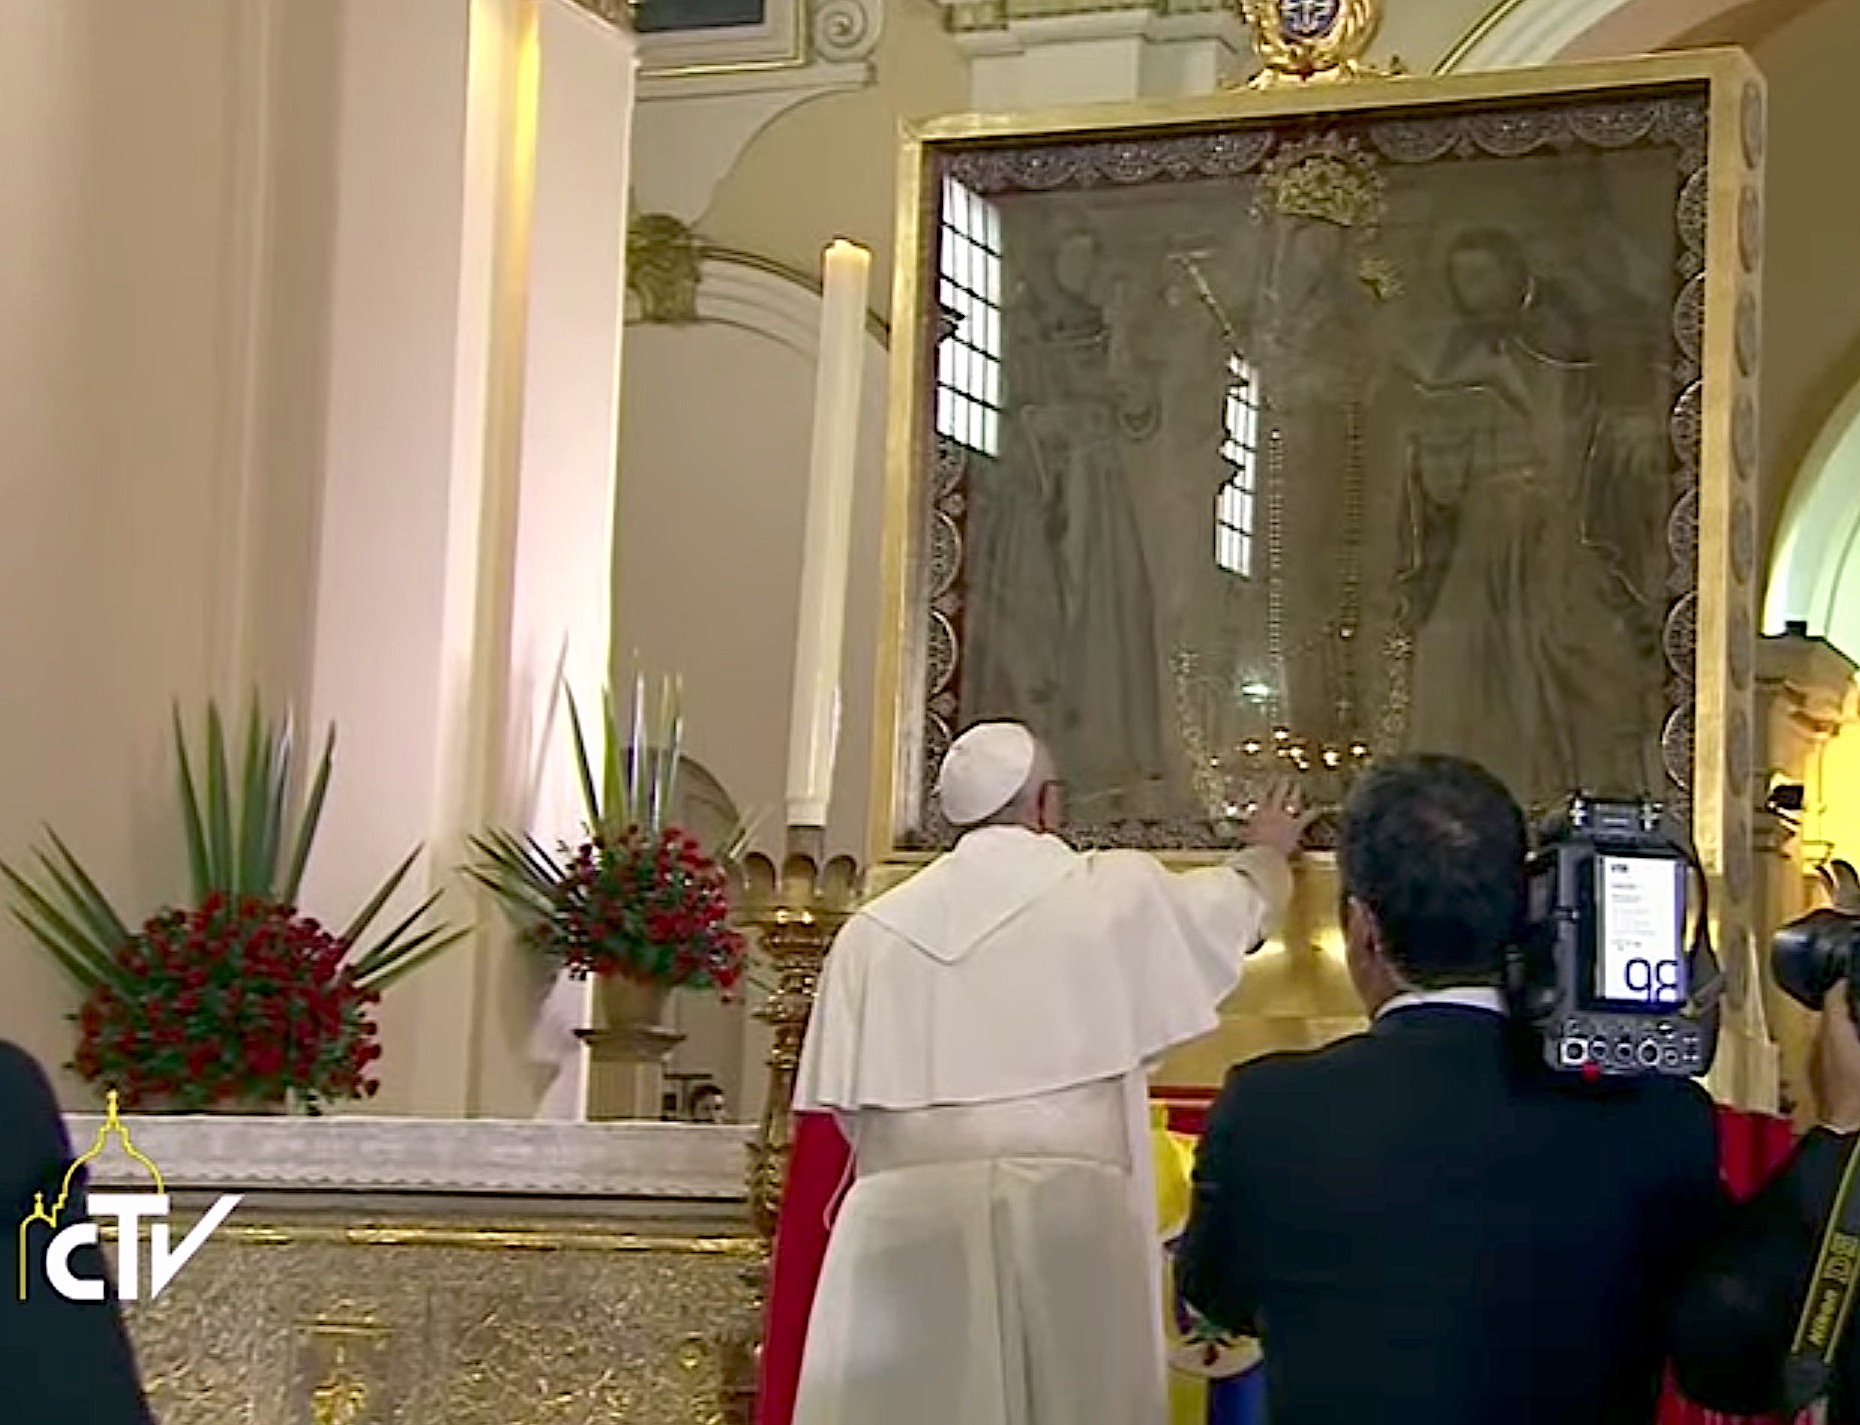 Francisco reza delante de imagen de Nuestra Señora de Chiquinquirá. Captura de pantalla CTV